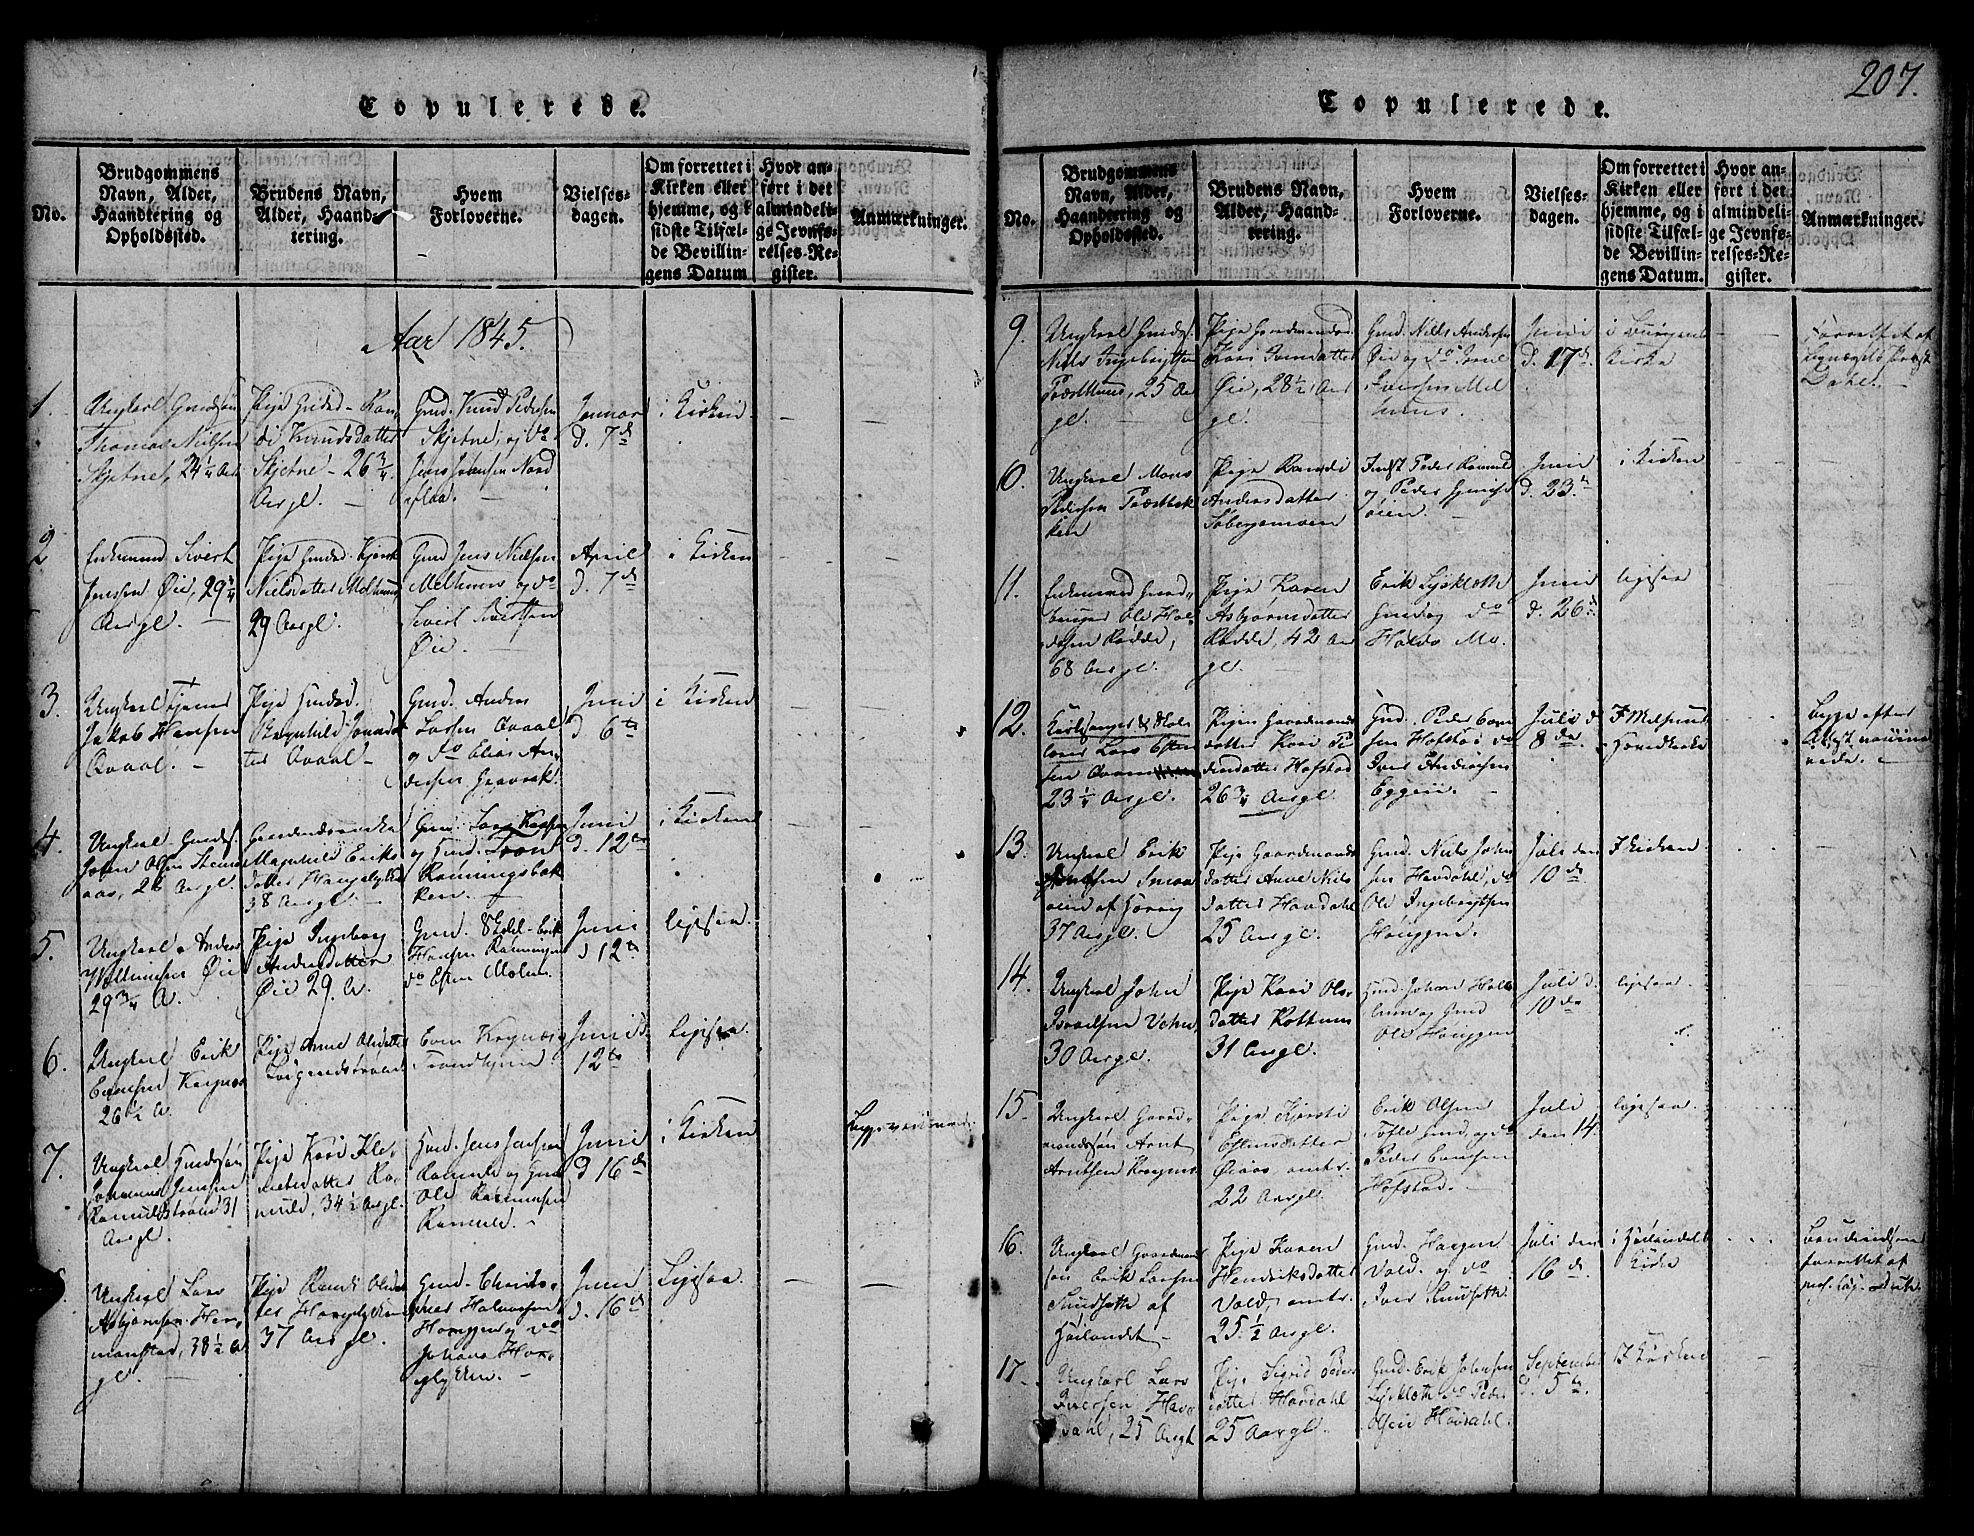 SAT, Ministerialprotokoller, klokkerbøker og fødselsregistre - Sør-Trøndelag, 691/L1092: Klokkerbok nr. 691C03, 1816-1852, s. 207